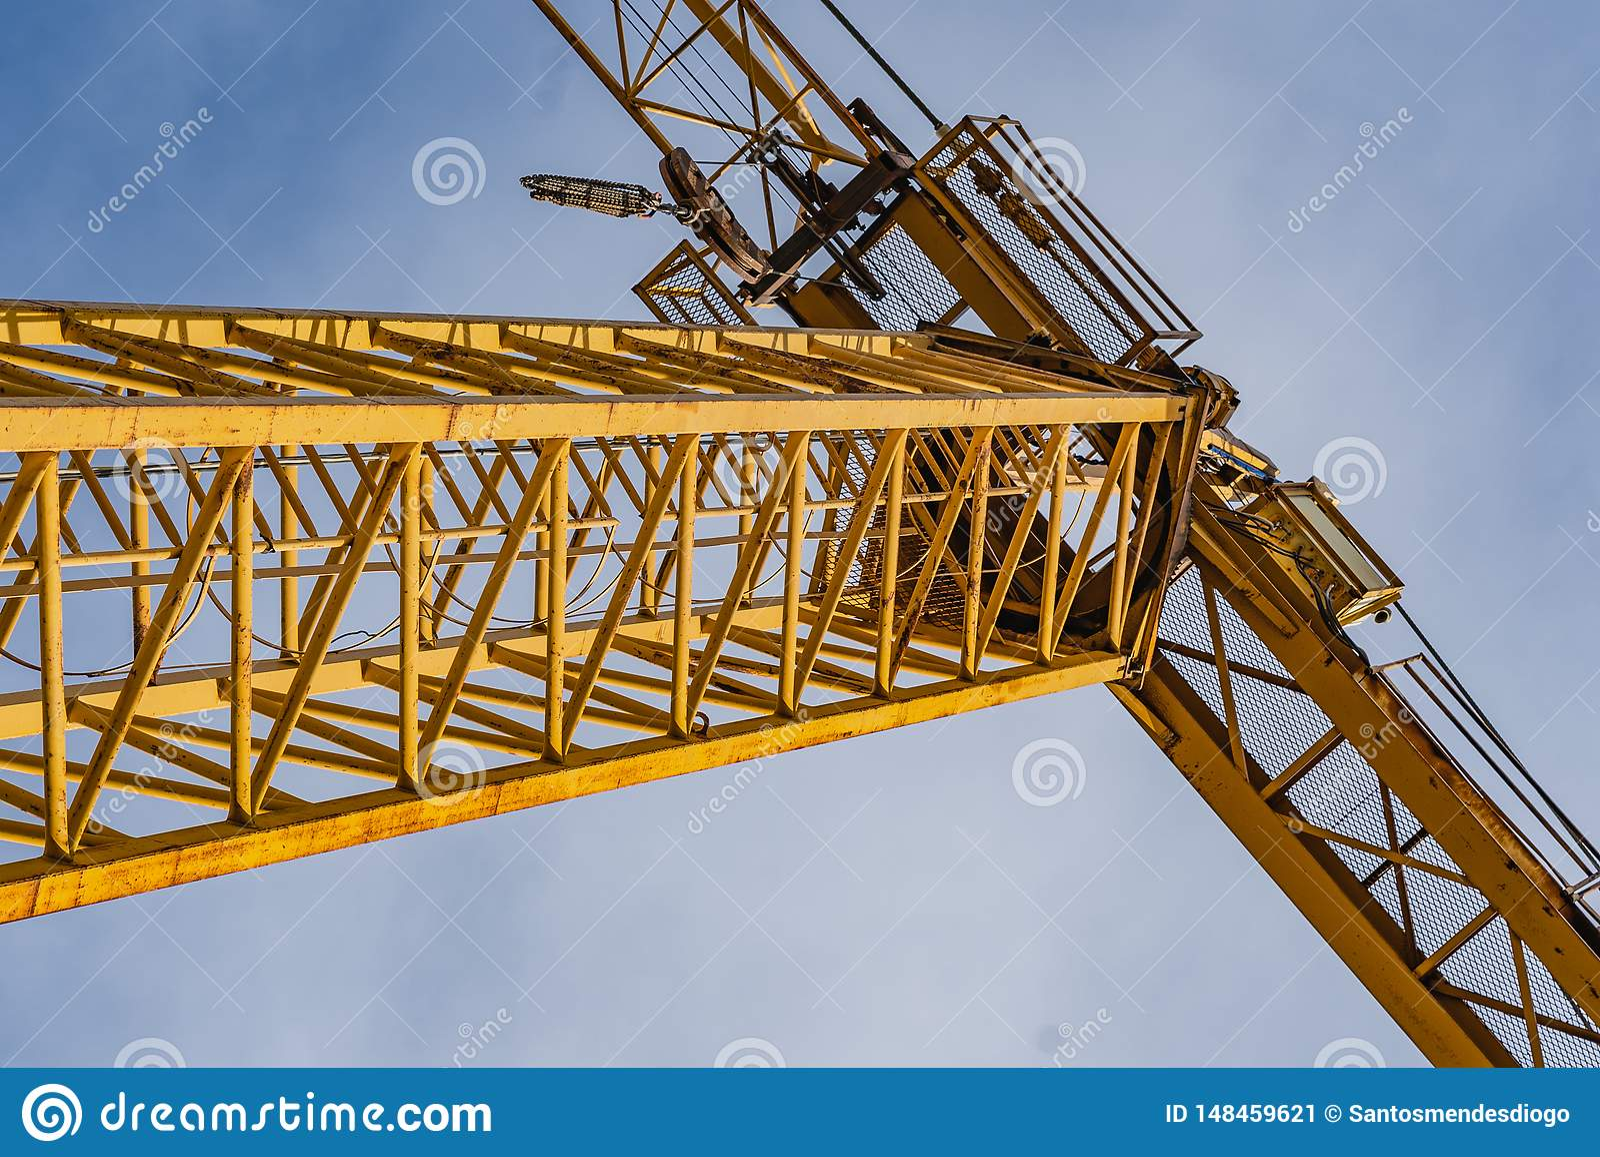 Γερανοί σε ένα εργοτάξιο οικοδομής